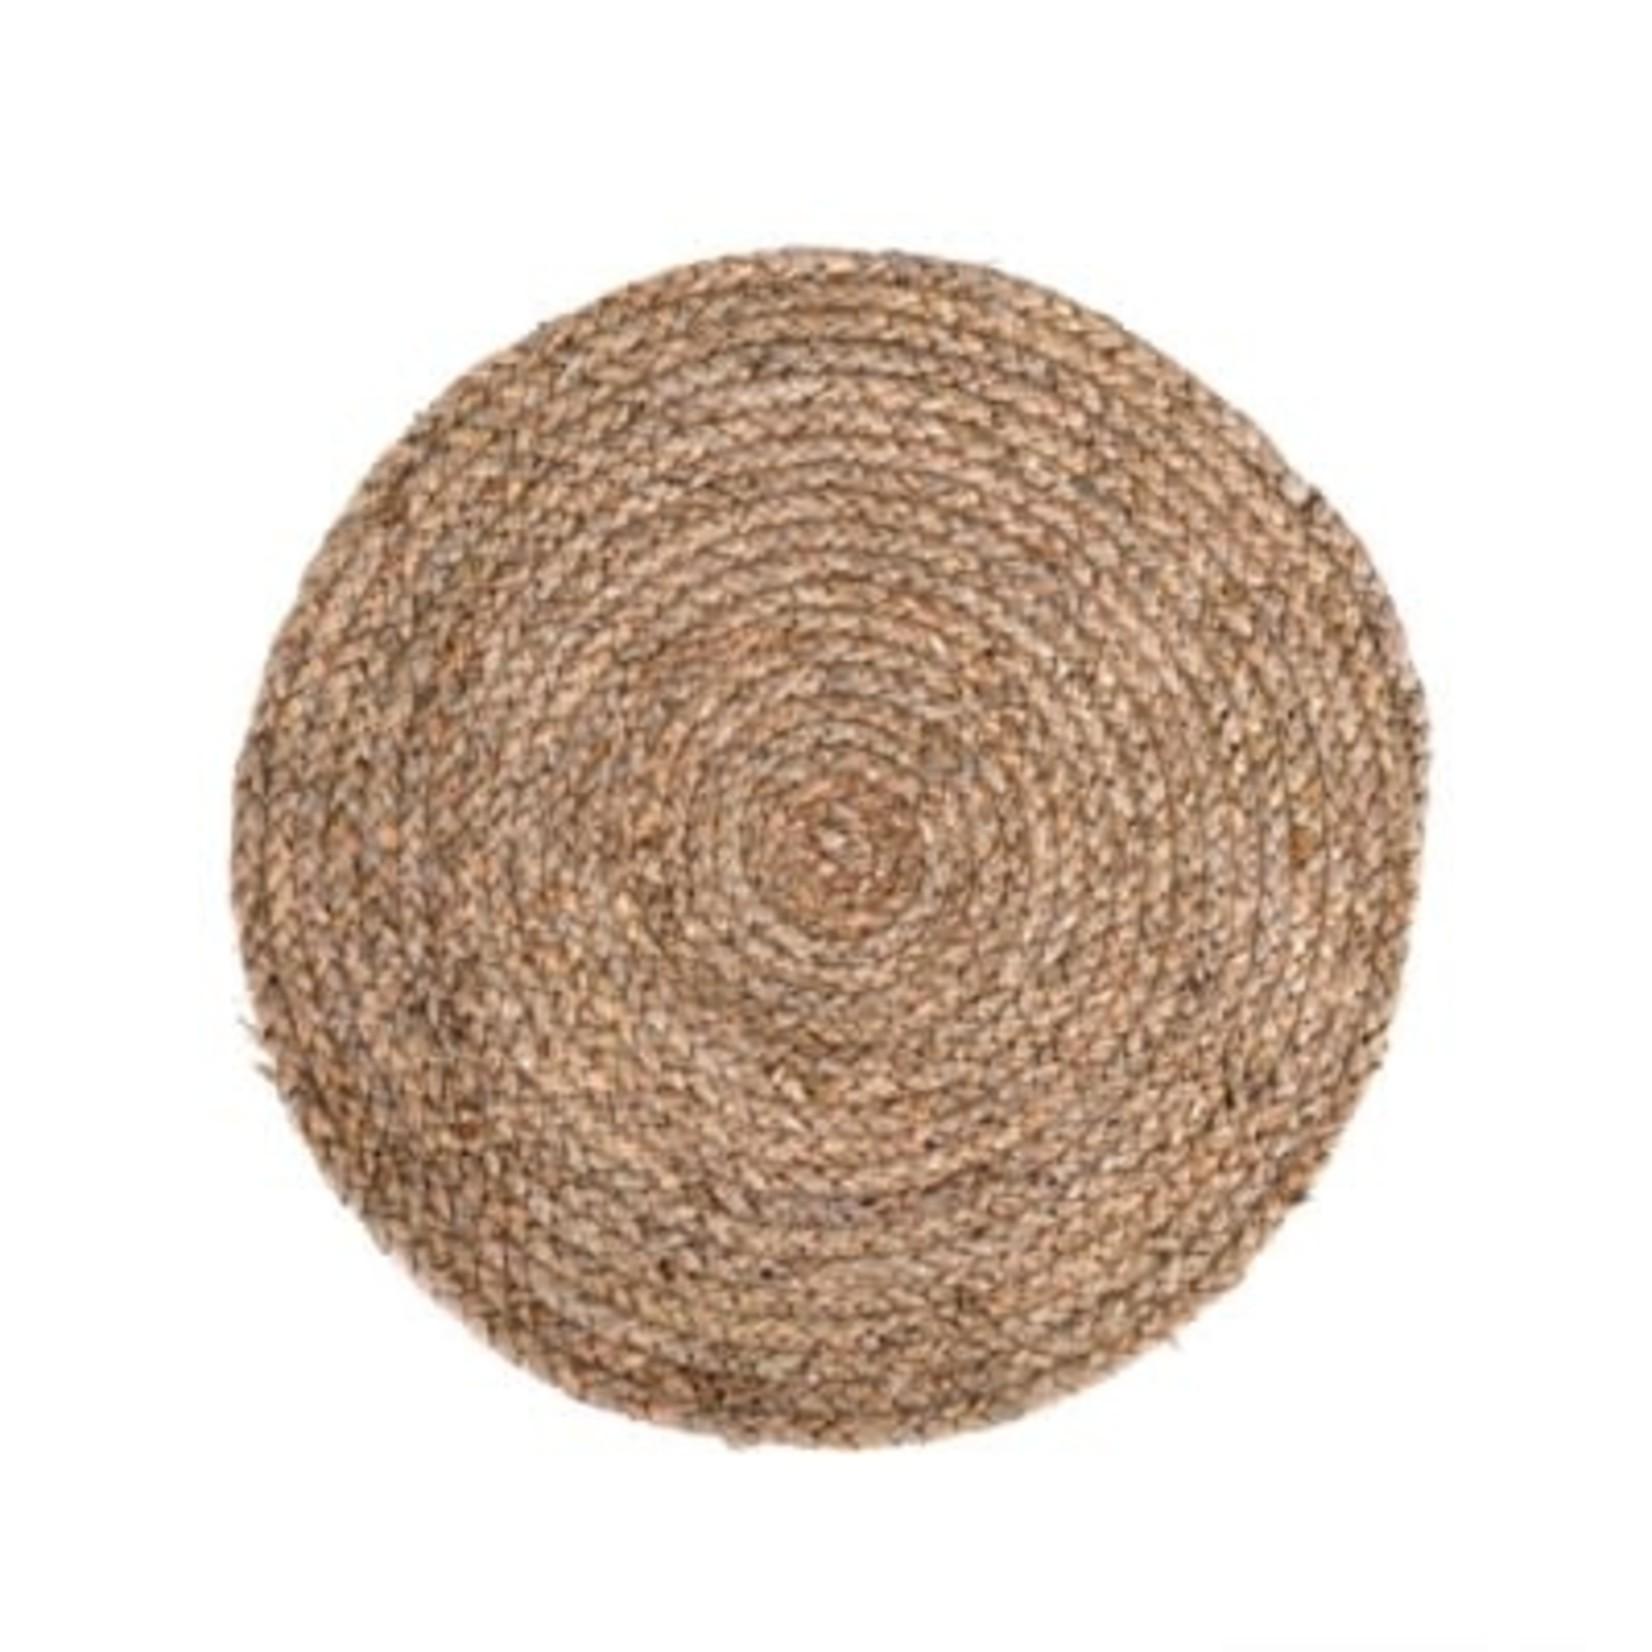 Indaba Napperon MAIZE sable